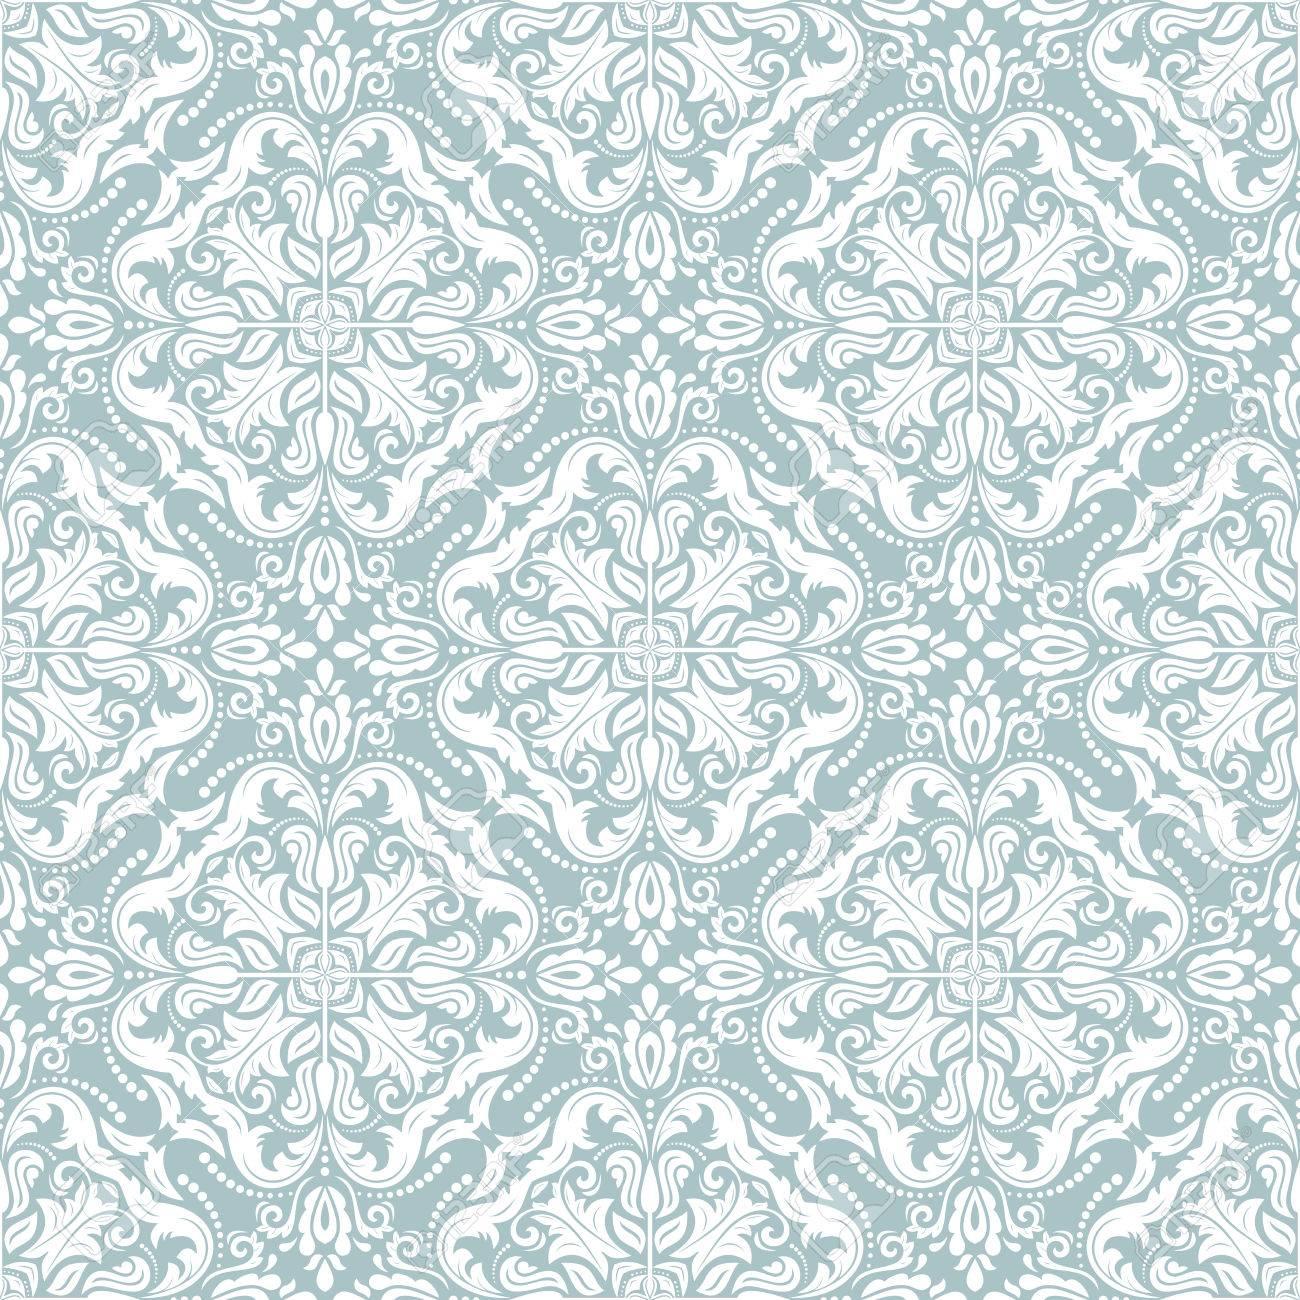 Vettoriale Damasco Ornamento Azzurro E Bianco Senza Soluzione Di